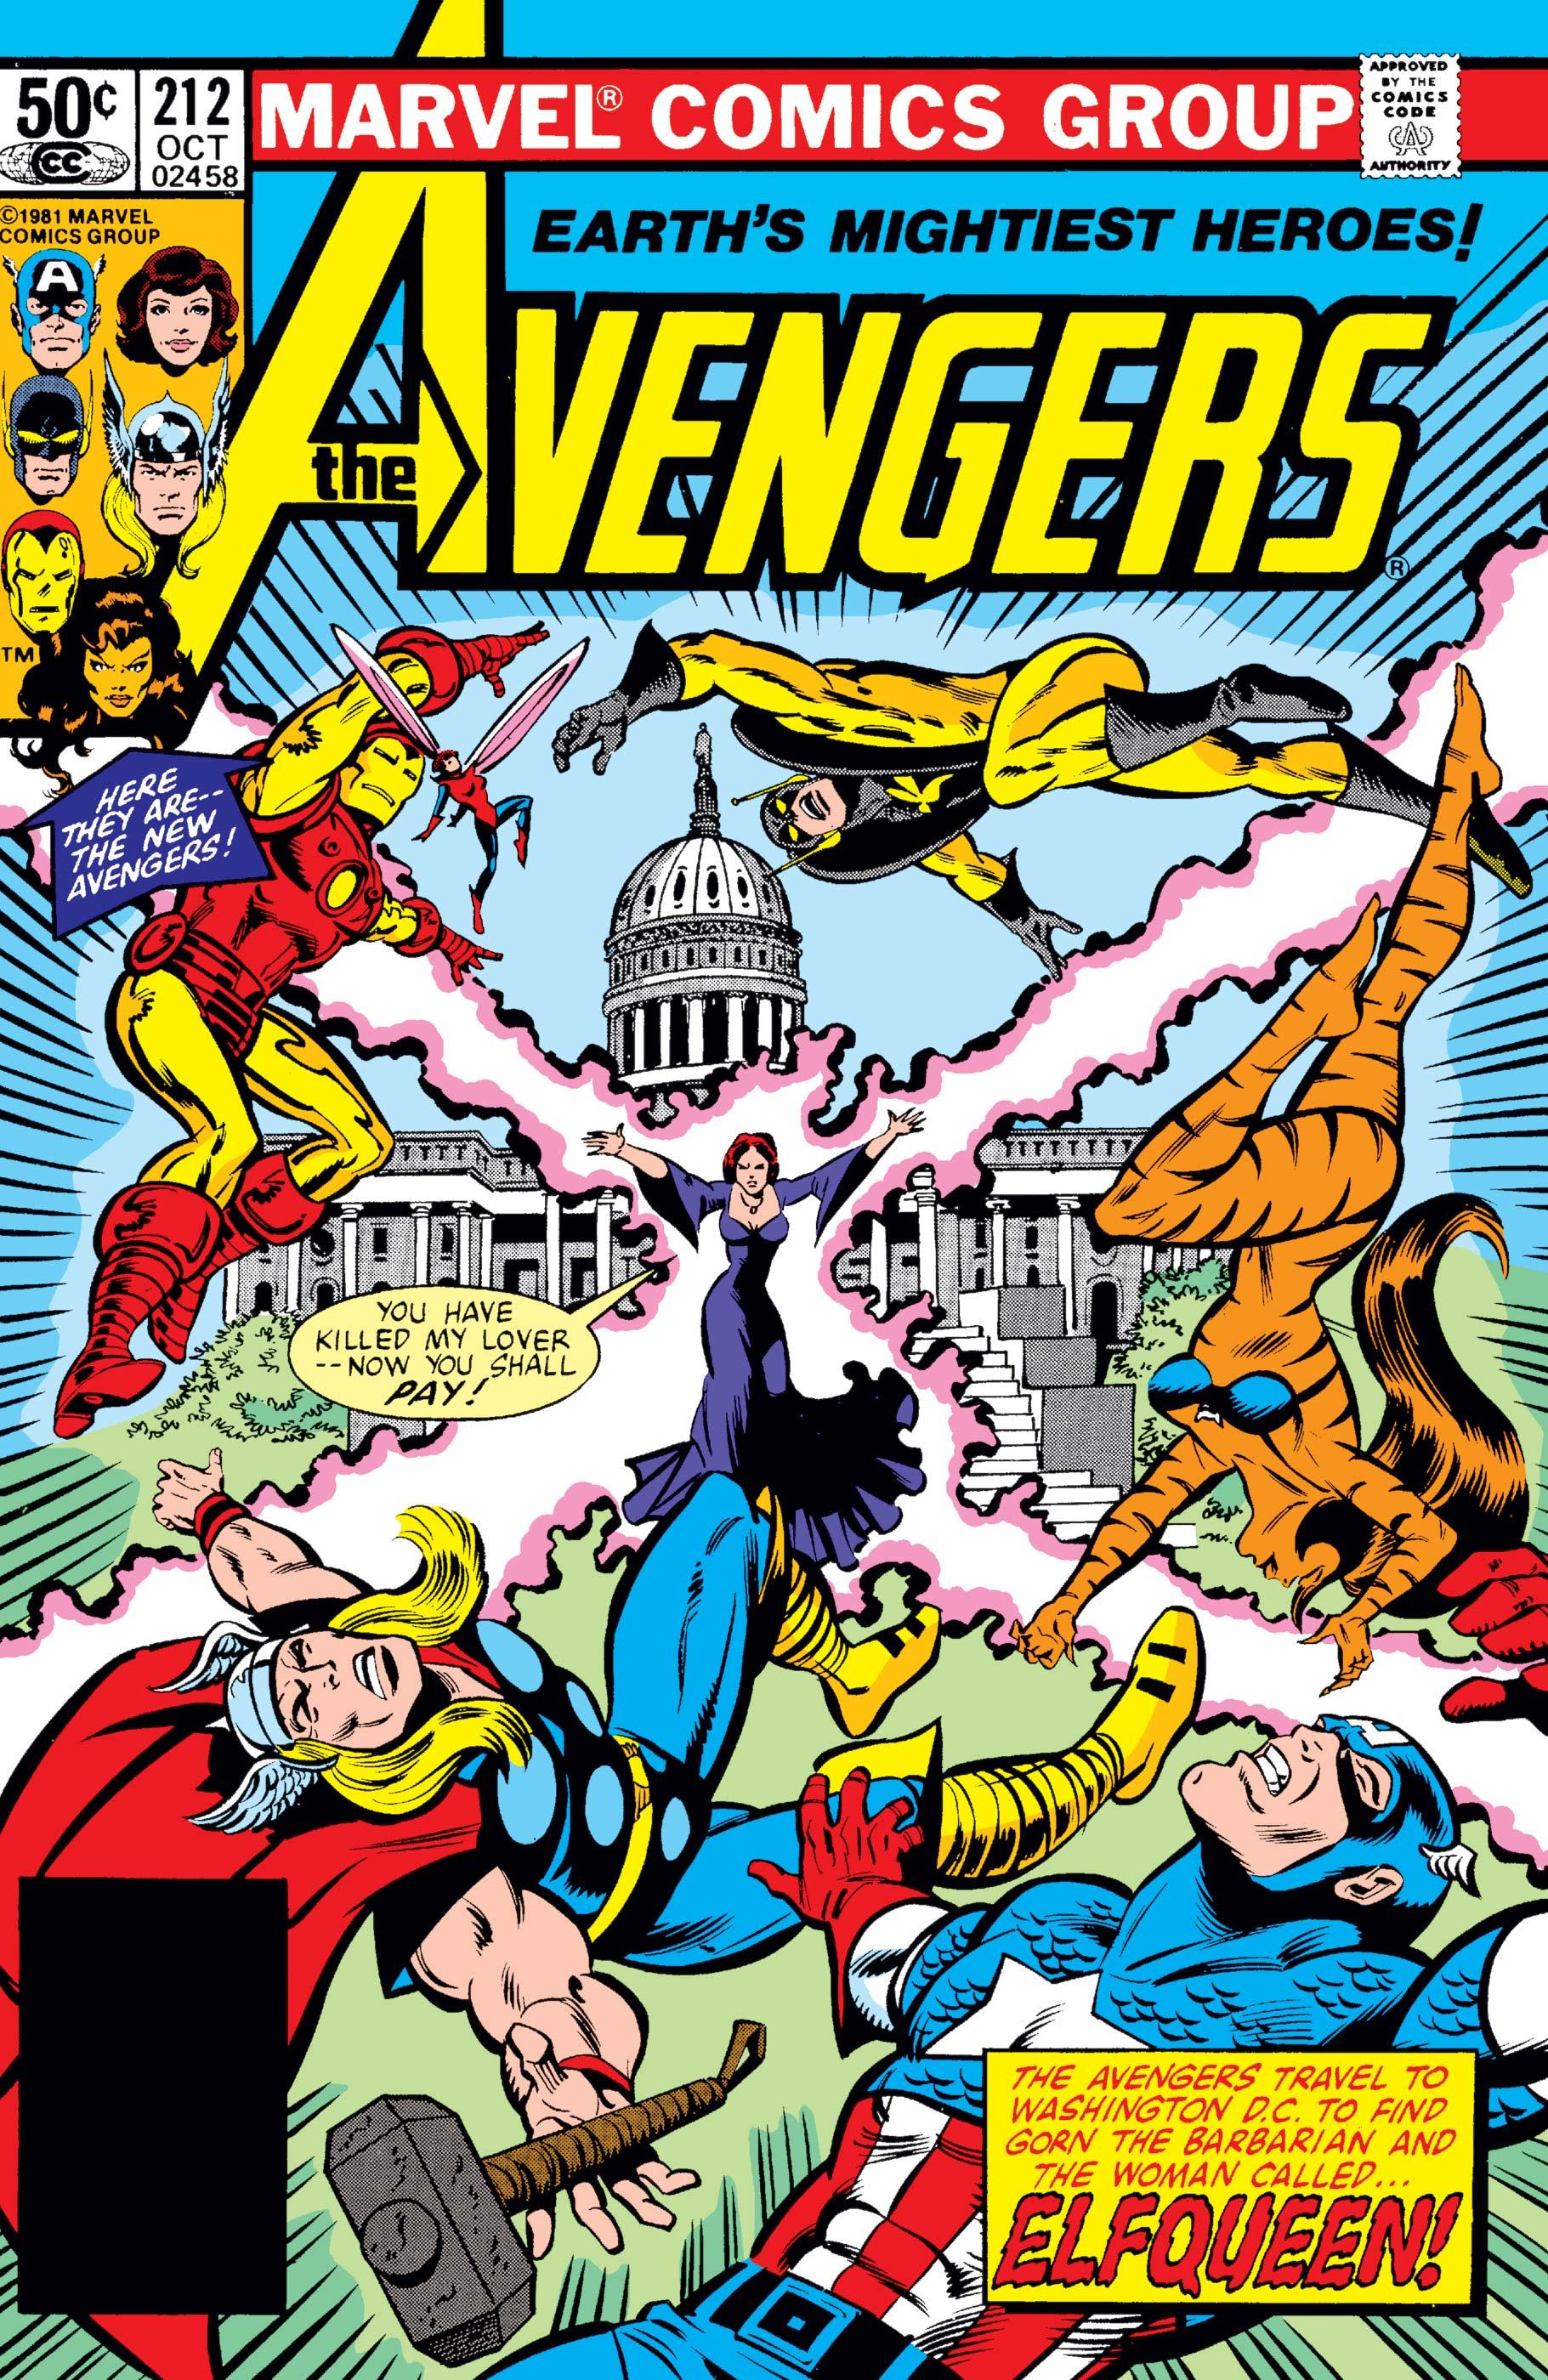 Avengers (1963) #212